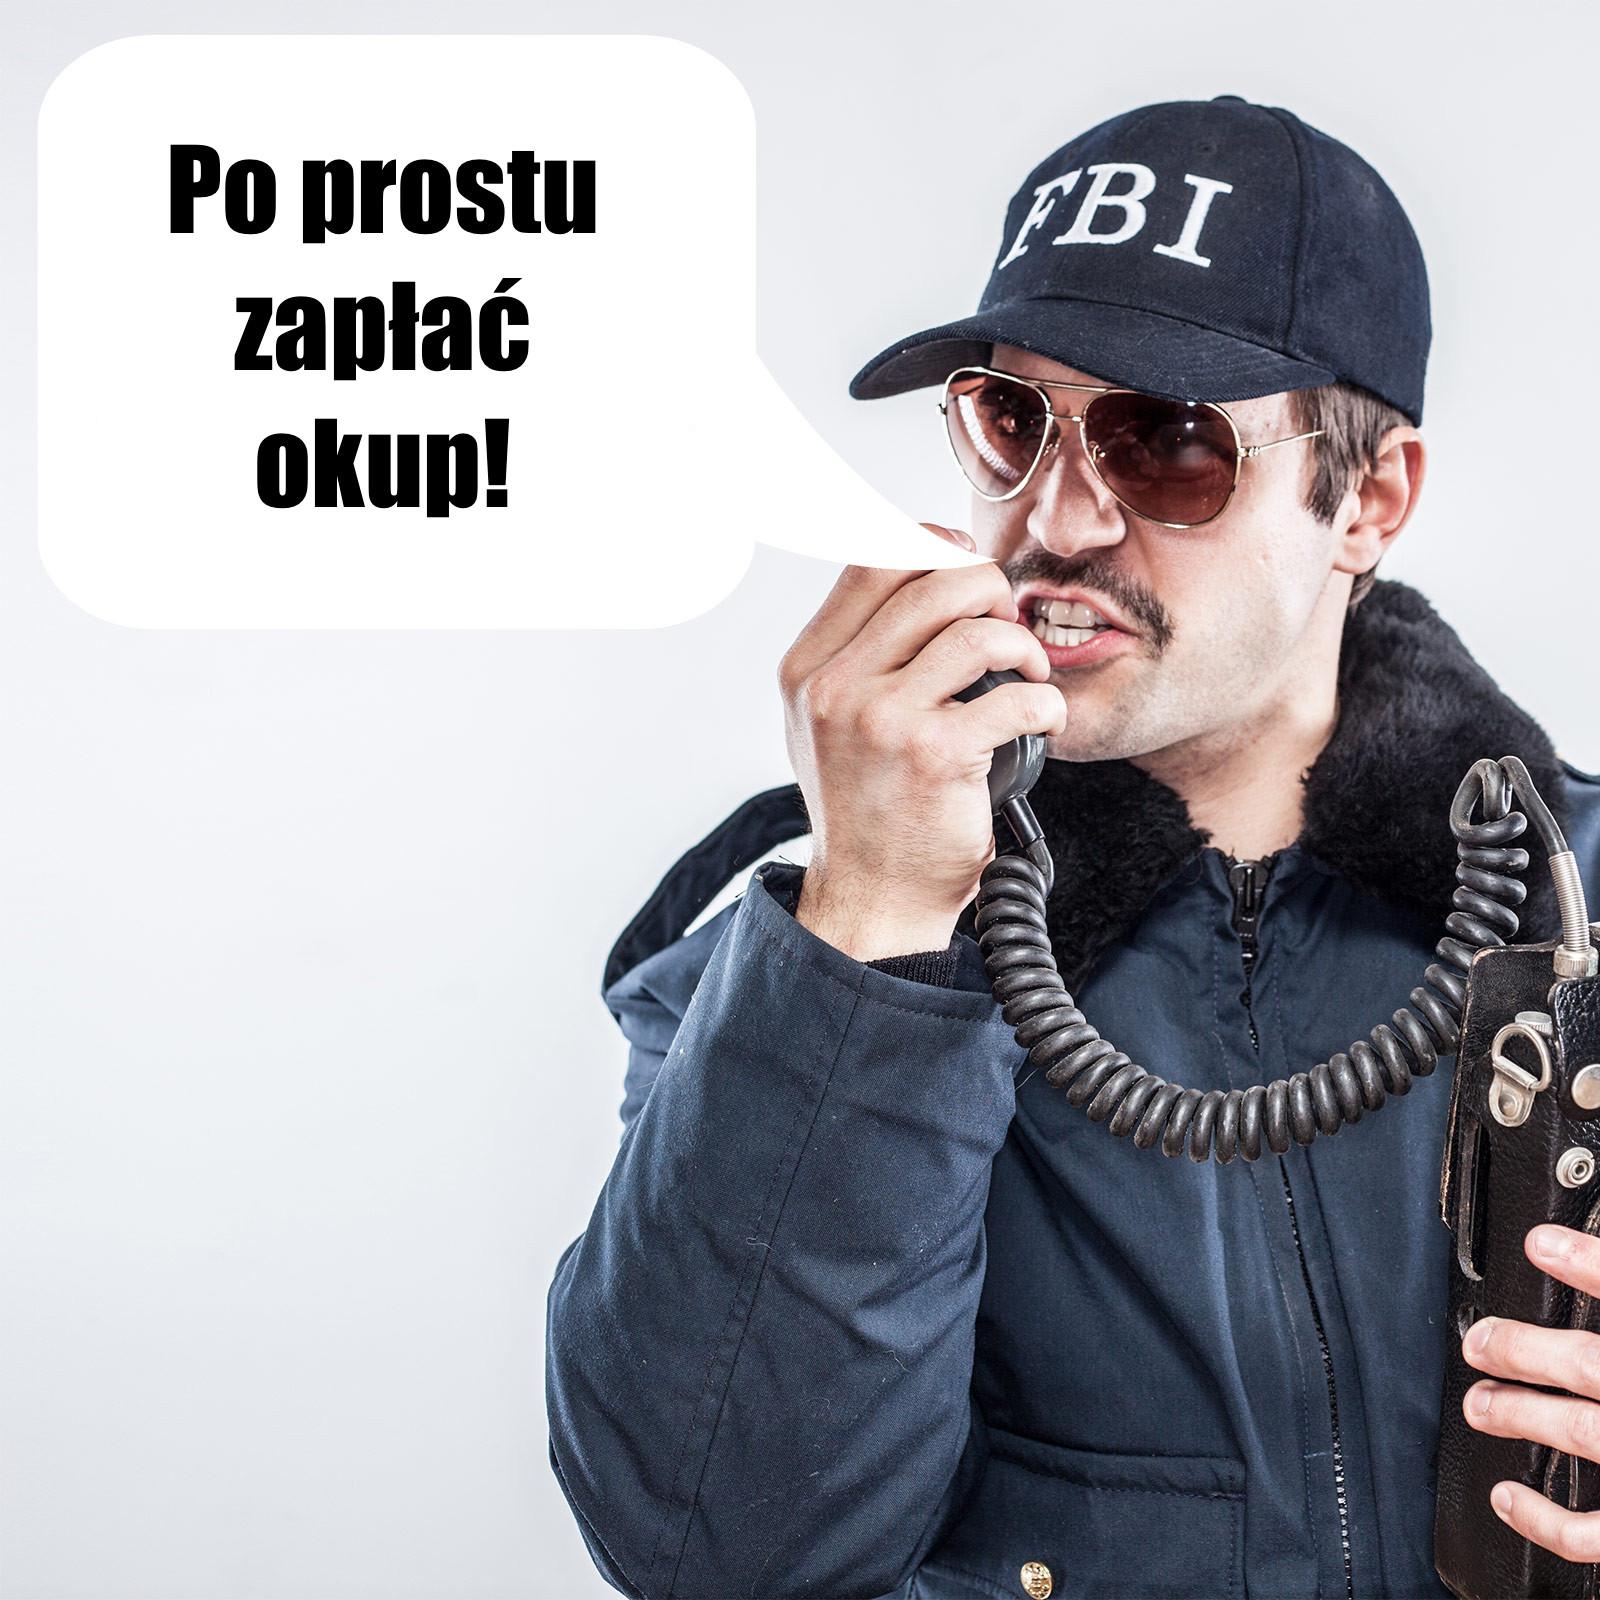 fbi-ransom-fb-EN